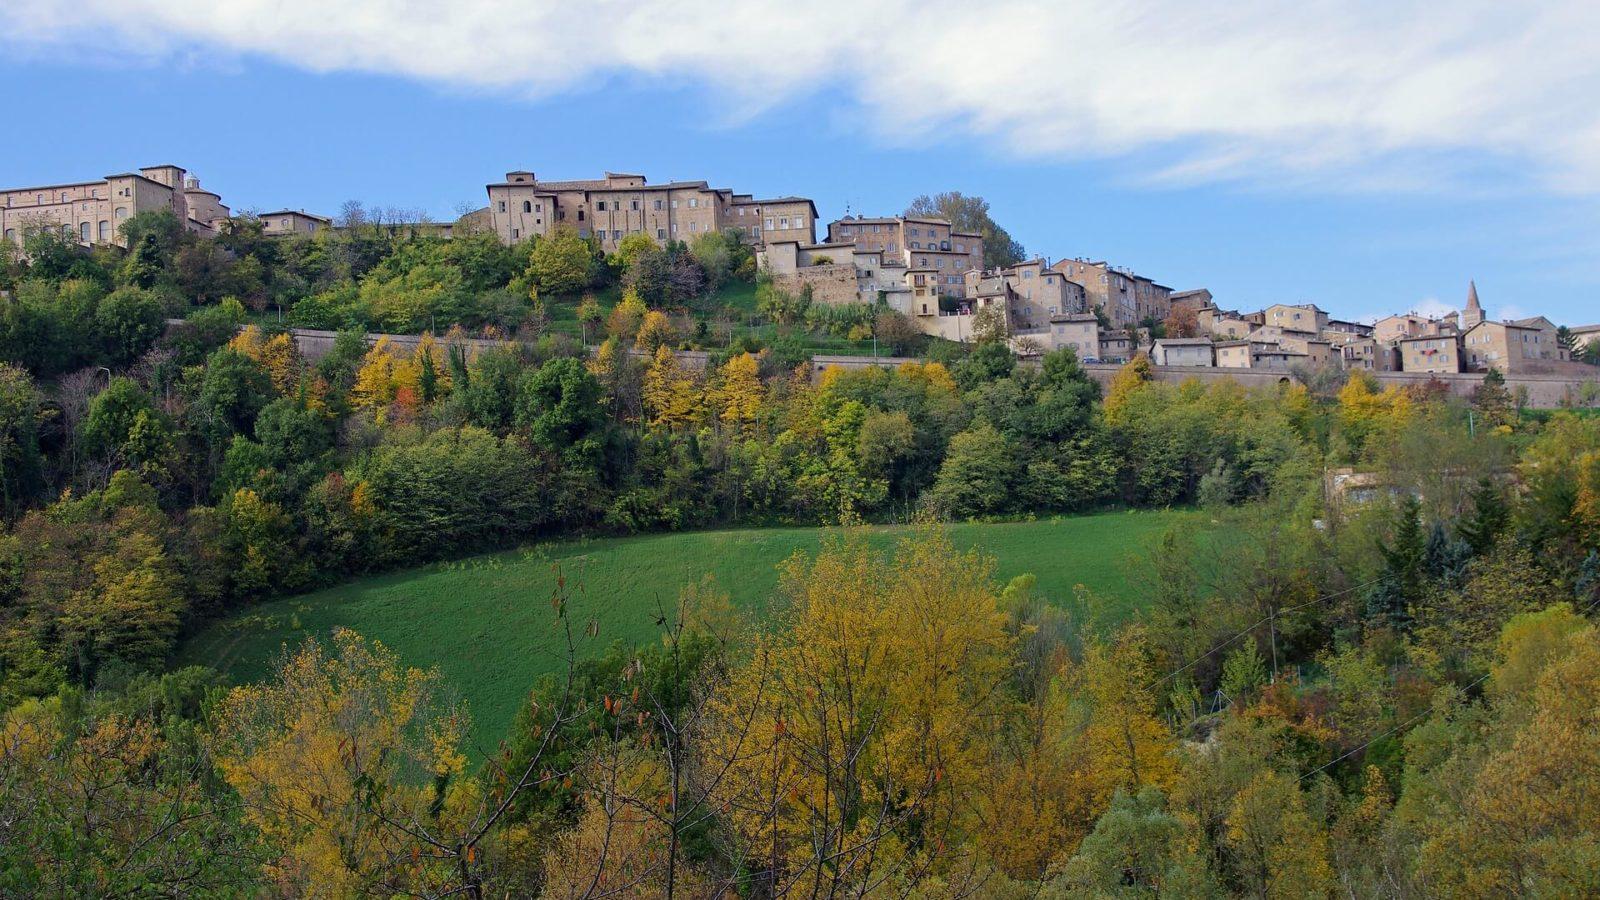 Italia Le Marche Hotels (Urbino - foto da Valter Cirillo, Pixabay)